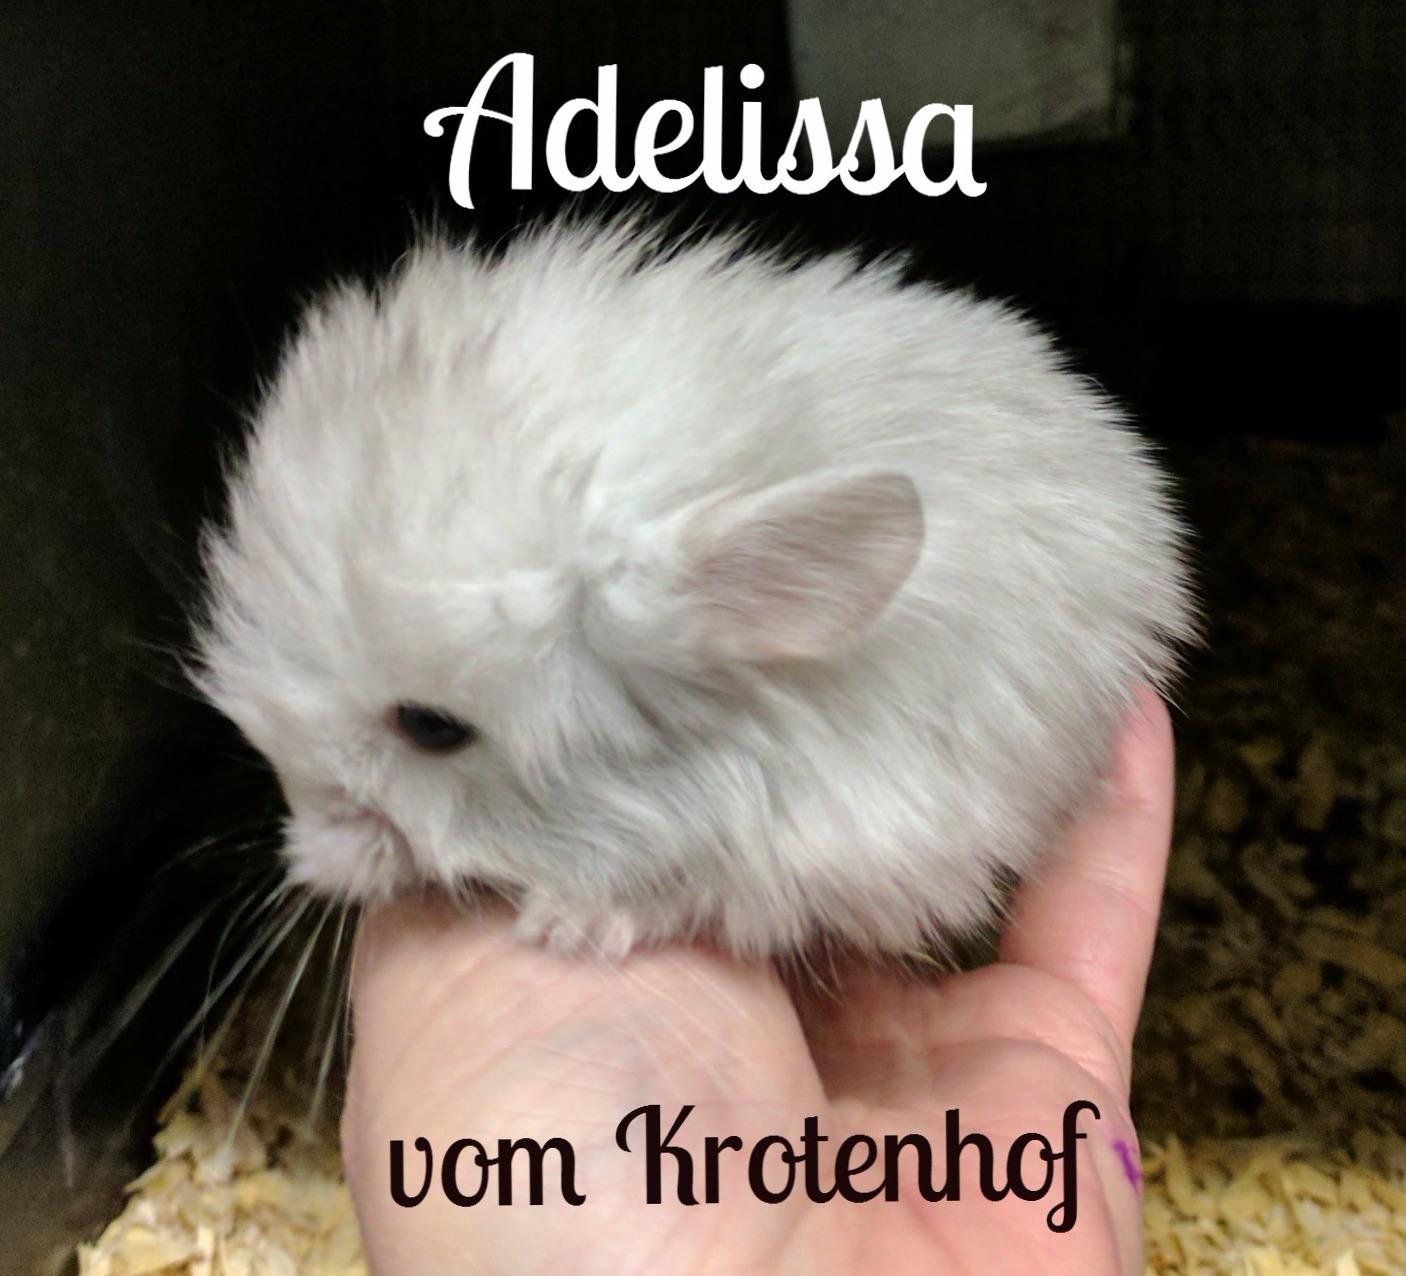 Adelissa